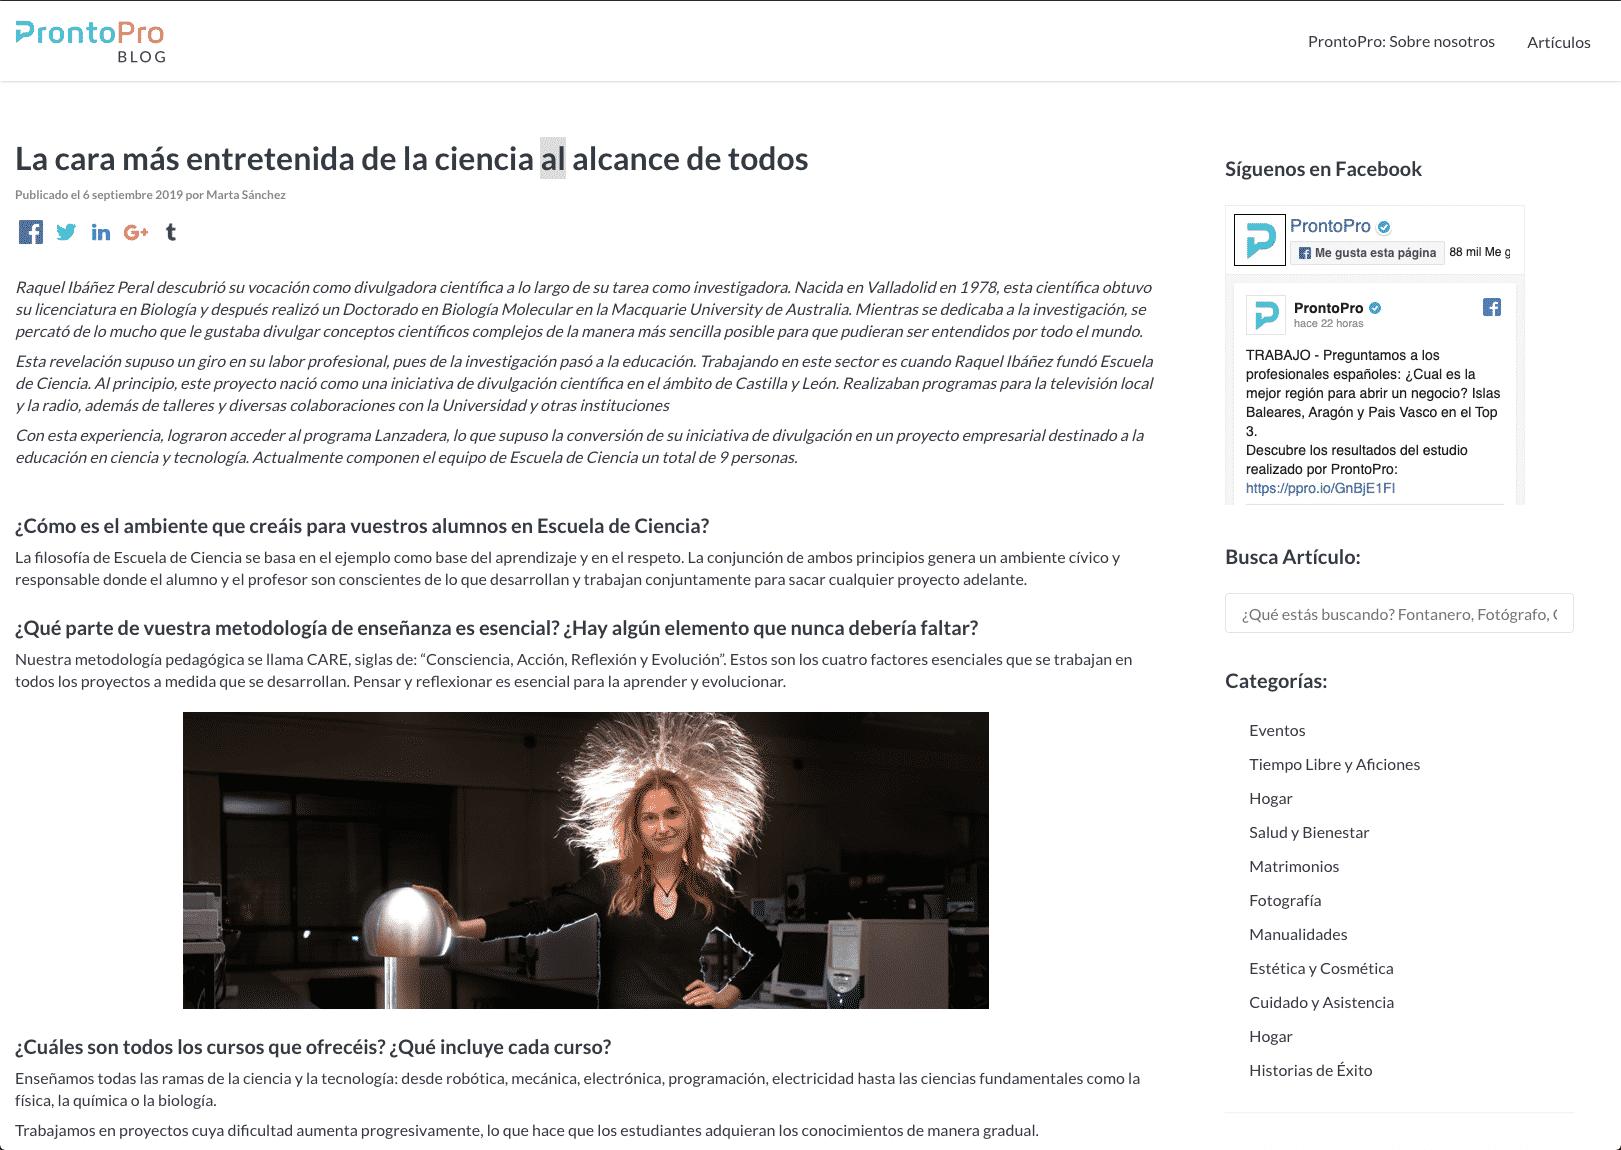 https://www.prontopro.es/blog/la-cara-mas-entretenida-de-la-ciencia-al-alcance-de-todos/